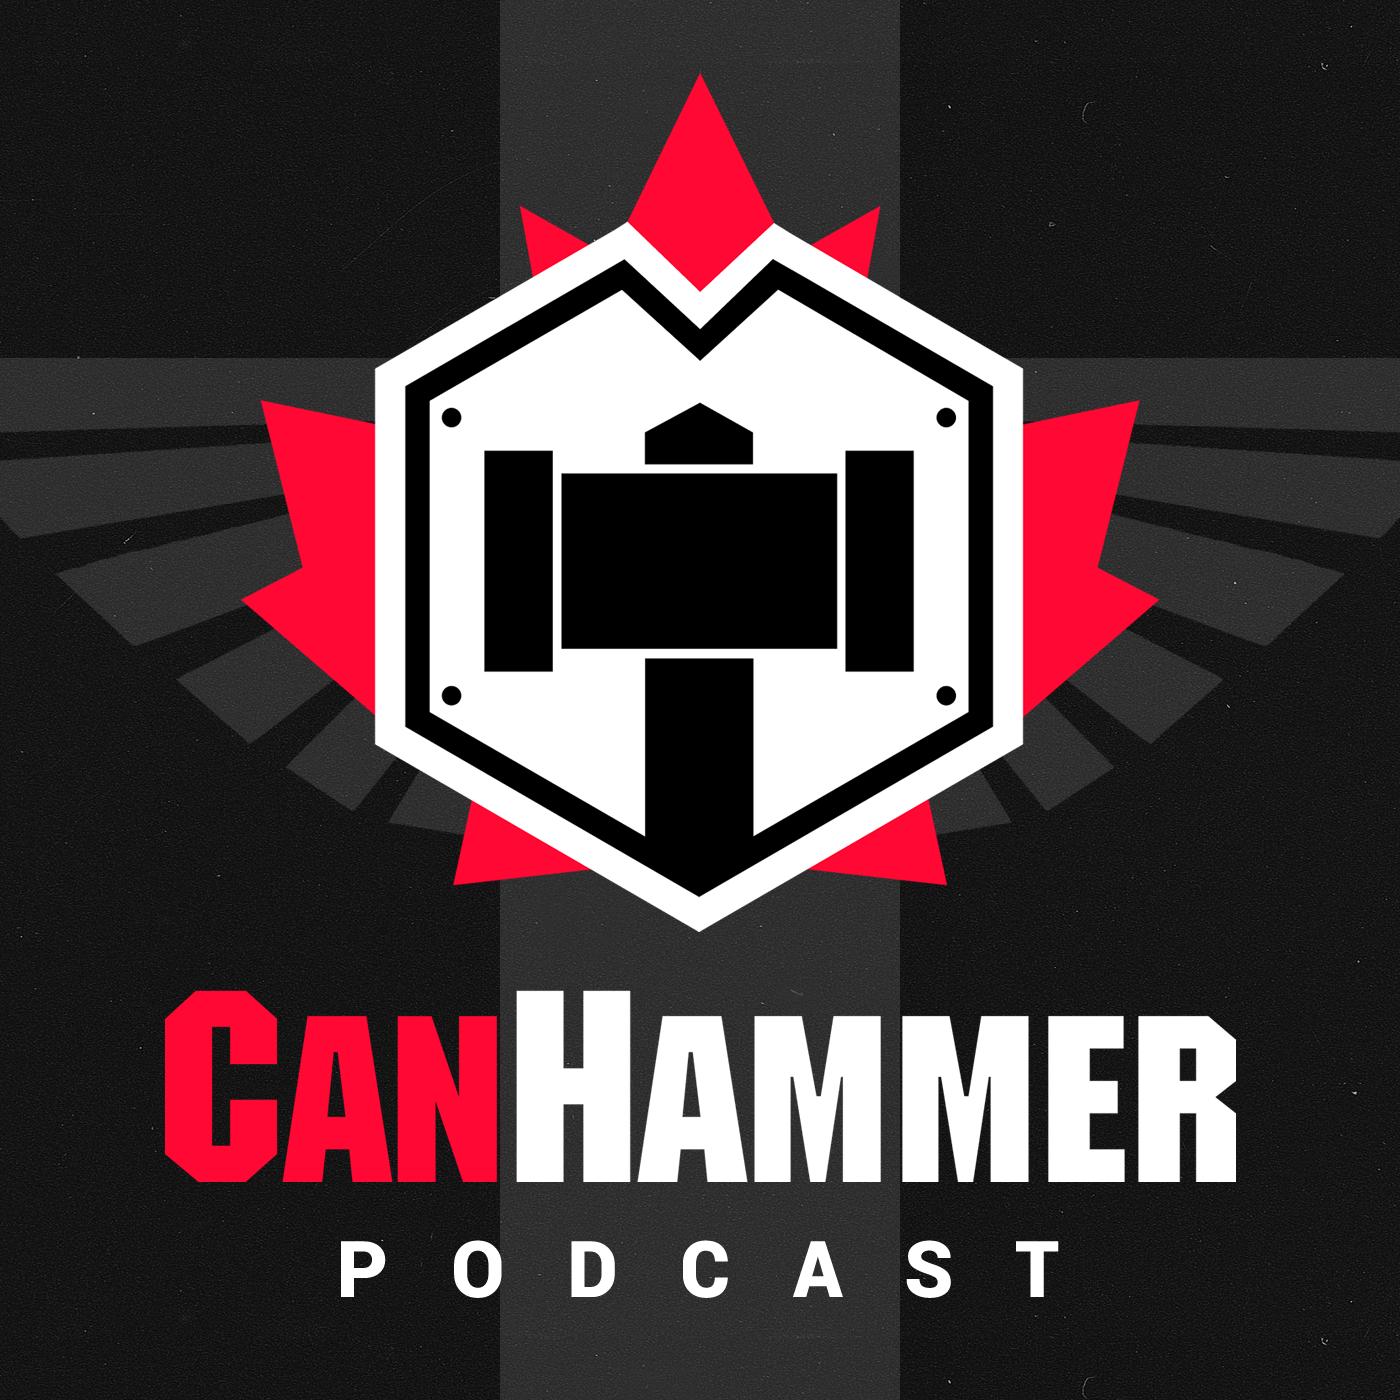 CanHammer 40k show art